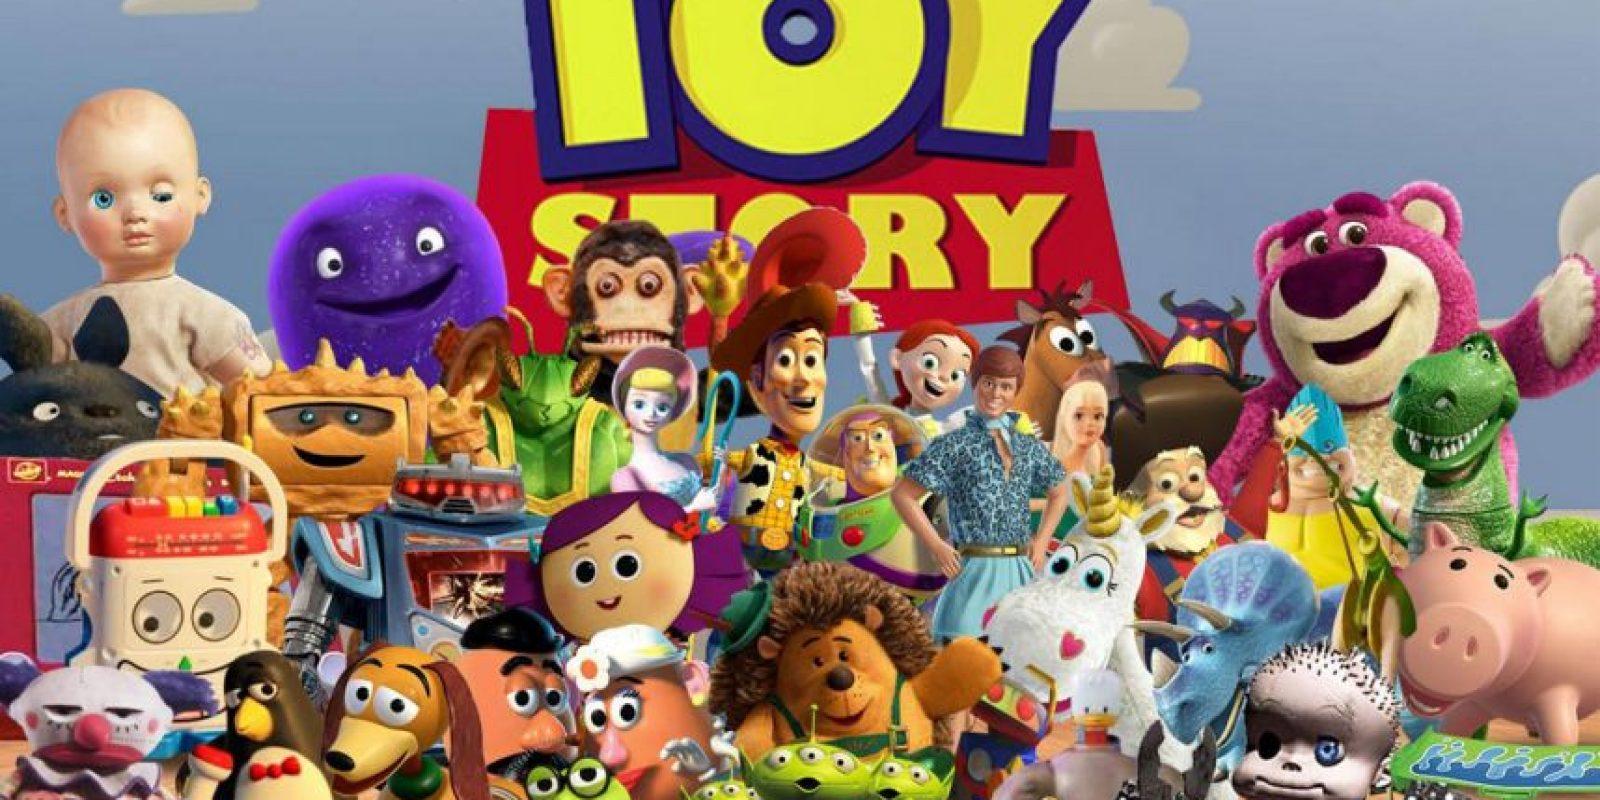 """Cuenta con dos secuelas donde se cuenta la historia de """"Andy"""" y su juguete favorito, un vaquero de tela llamado """"Woody"""", que hará todo por no separarse de su dueño Foto:Disney/Pixar"""